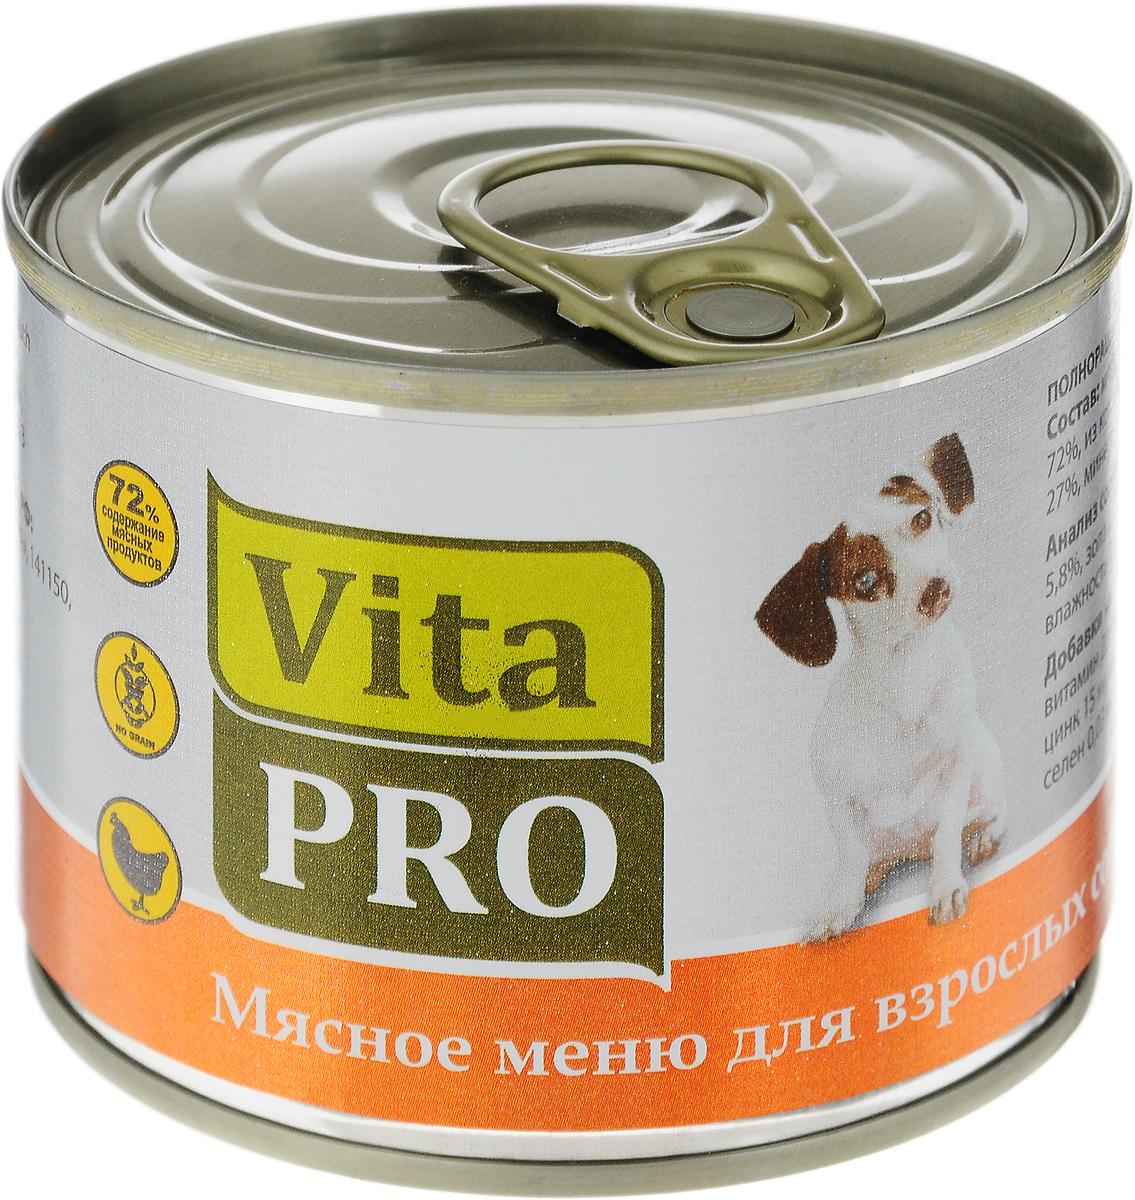 Консервы Vita ProМясное меню для собак, курица, 200 г90003Корм из натурального мяса без овощей и злаков с добавлением кальция для растущего организма. Не содержит искусственных красителей и усилителей вкуса. Крупнофаршевая текстура.